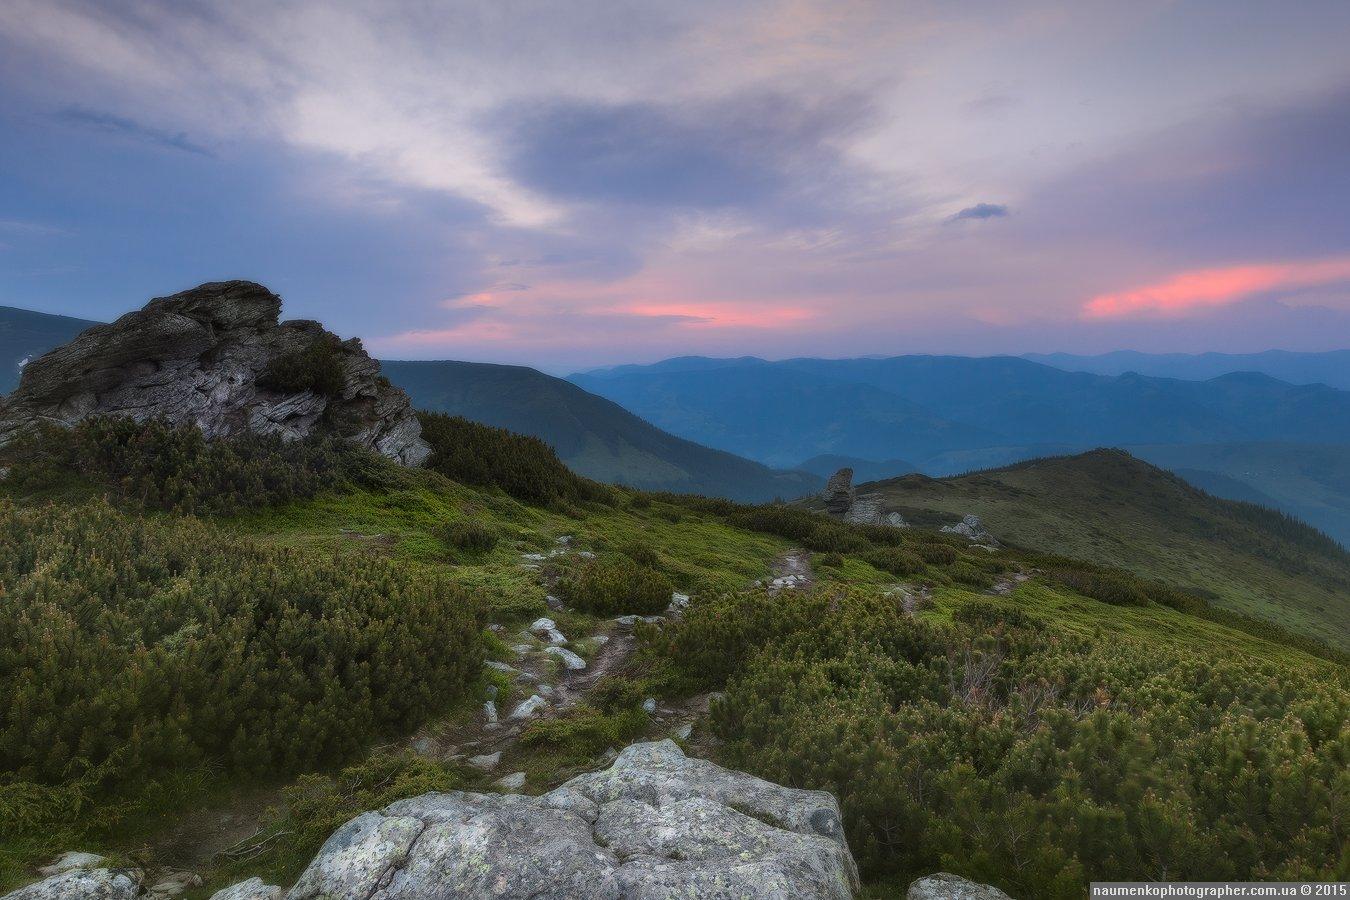 Вухатый камень, Горы, Дземброня, Закат, Карпаты, Пейзаж, Украина, Александр Науменко